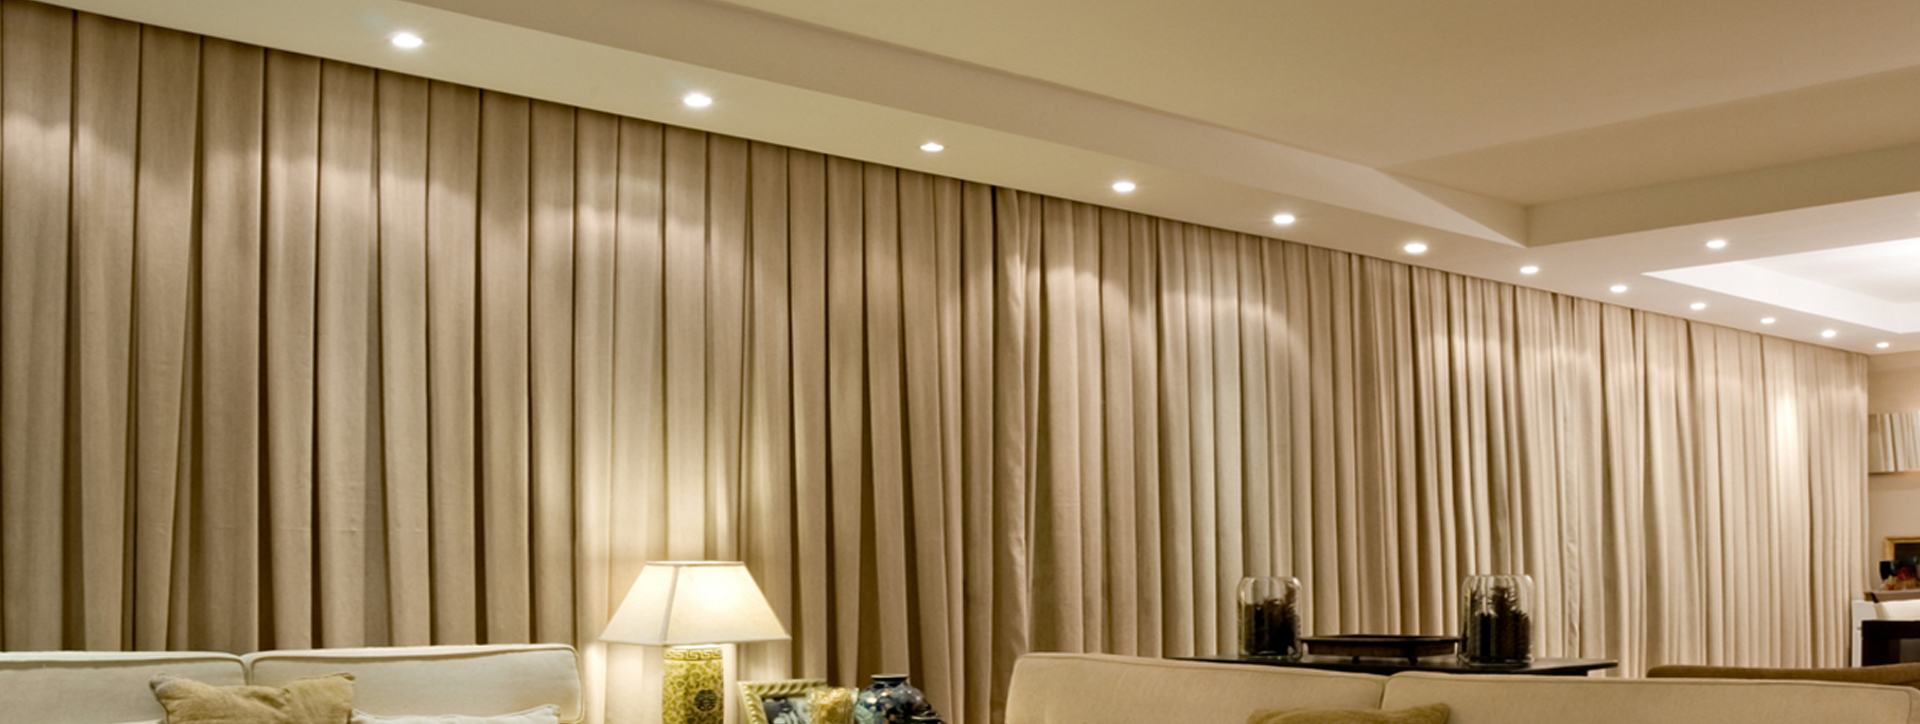 Loja de cortinas em guarulhos sp casa de cortinas - Casa diez cortinas ...